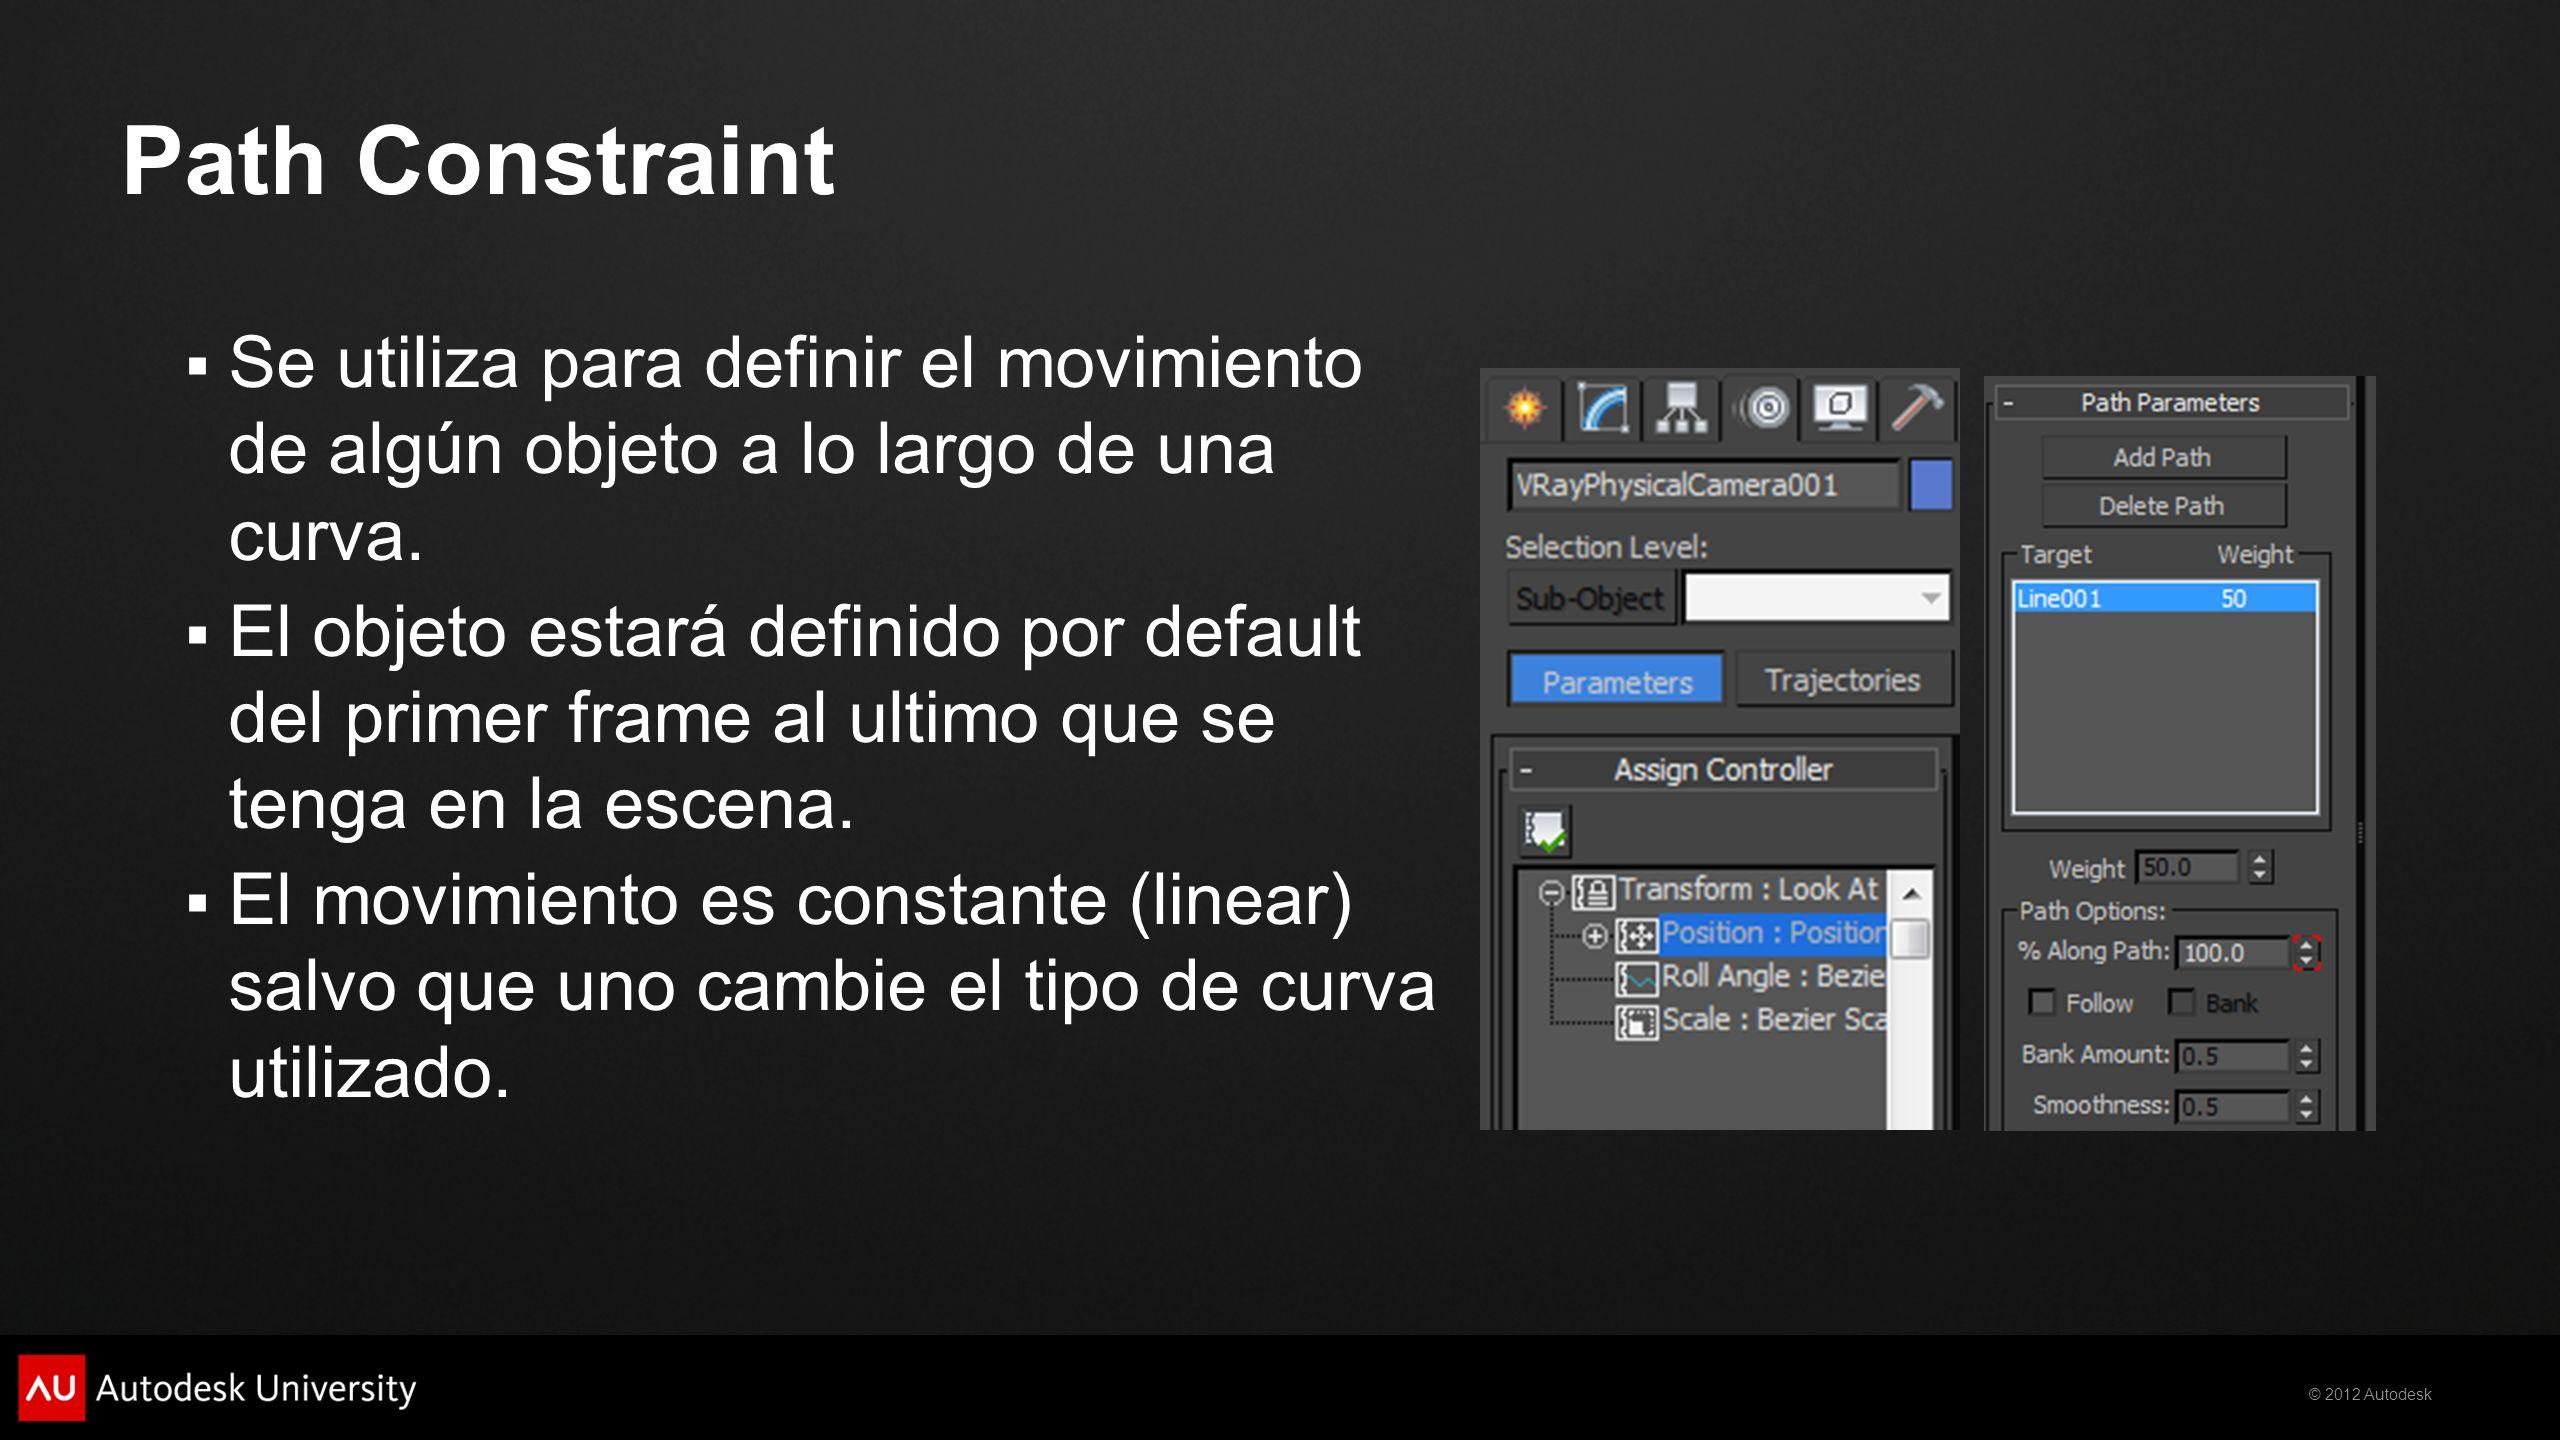 © 2012 Autodesk Se utiliza para definir el movimiento de algún objeto a lo largo de una curva. El objeto estará definido por default del primer frame